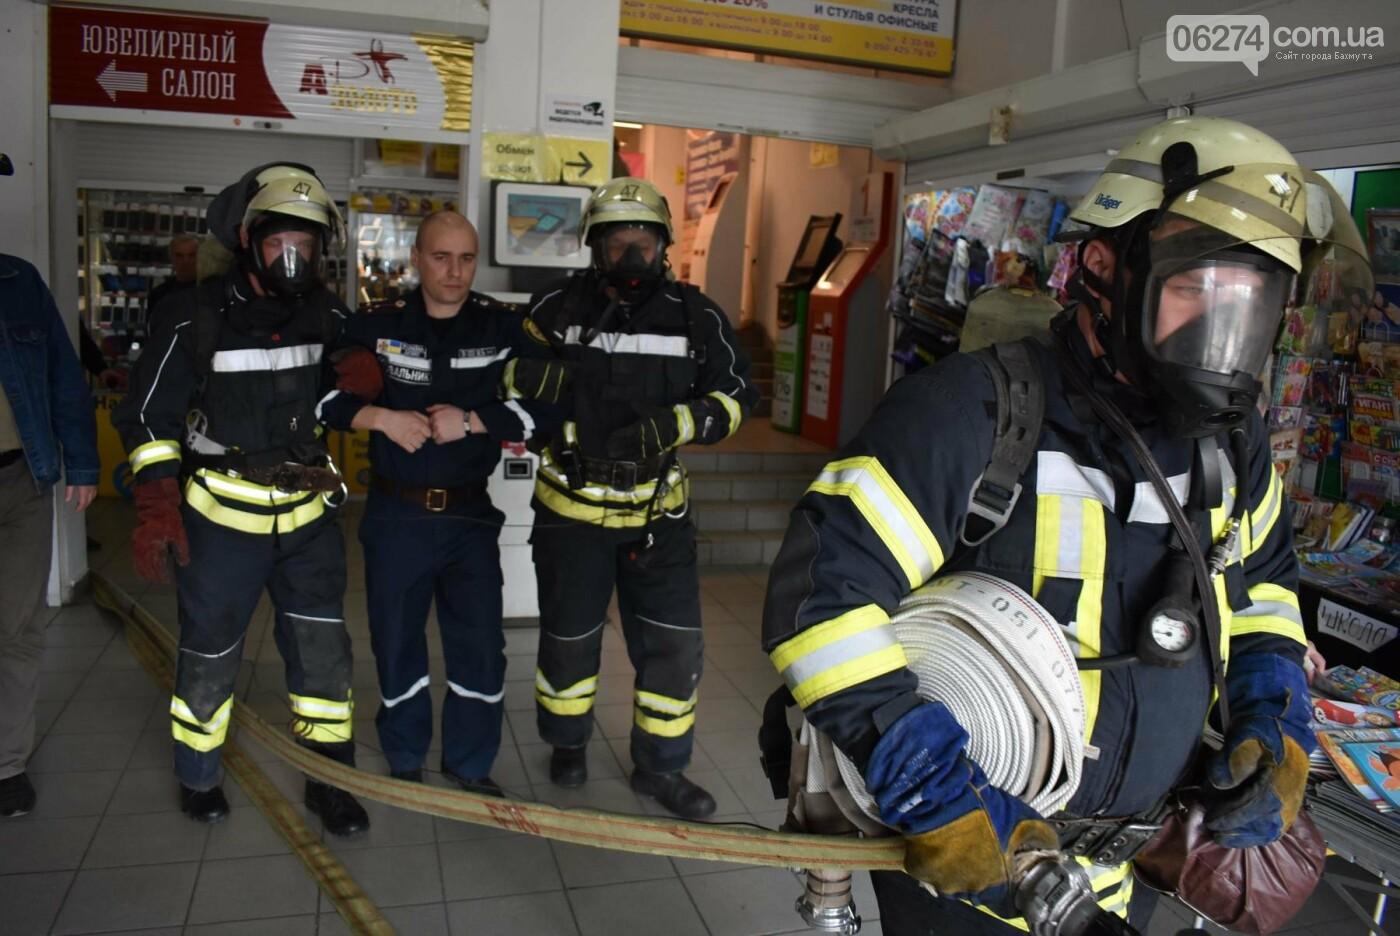 В Бахмуте спасатели проверили безопасность торгового центра «Астрон» (ФОТО), фото-7